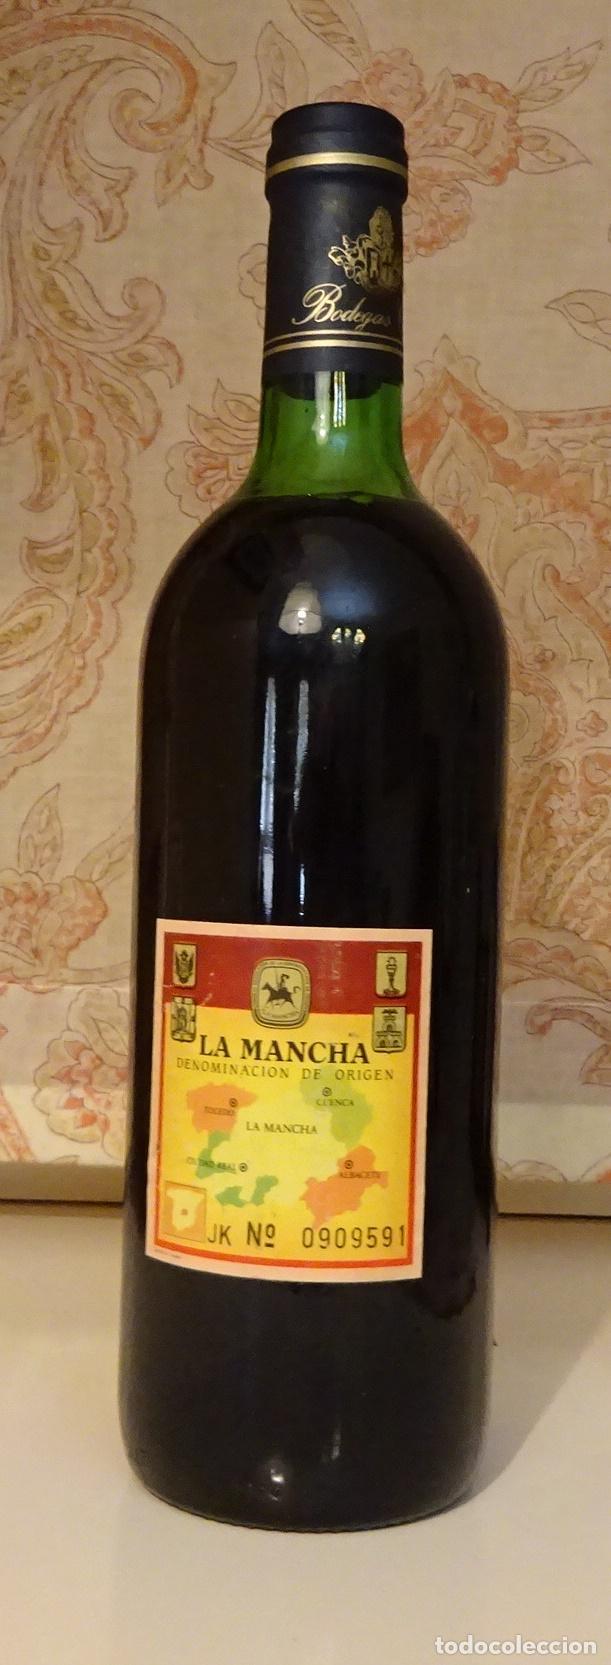 Coleccionismo de vinos y licores: INDURAIN, EL MEJOR. BOTELLA VINO TINTO BODEGAS CRISVE. DENOMINACIÓN DE ORIGEN LA MANCHA - Foto 2 - 218764287